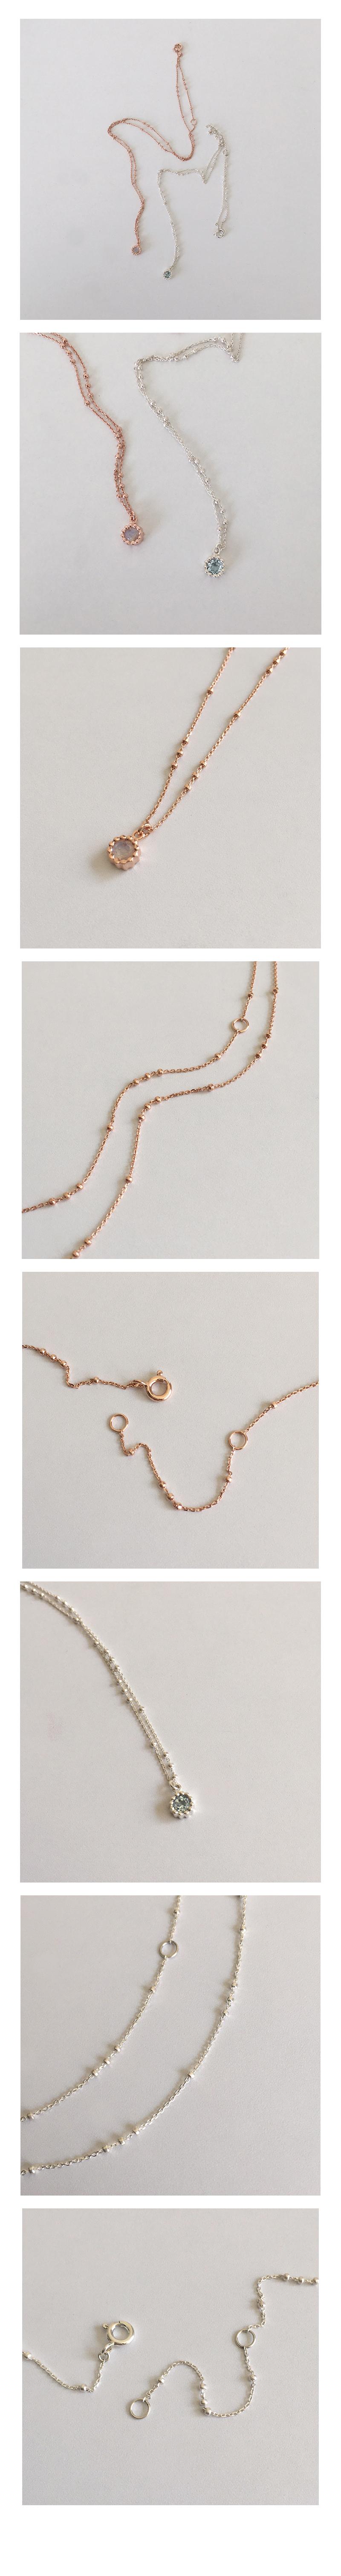 round gemstone necklace